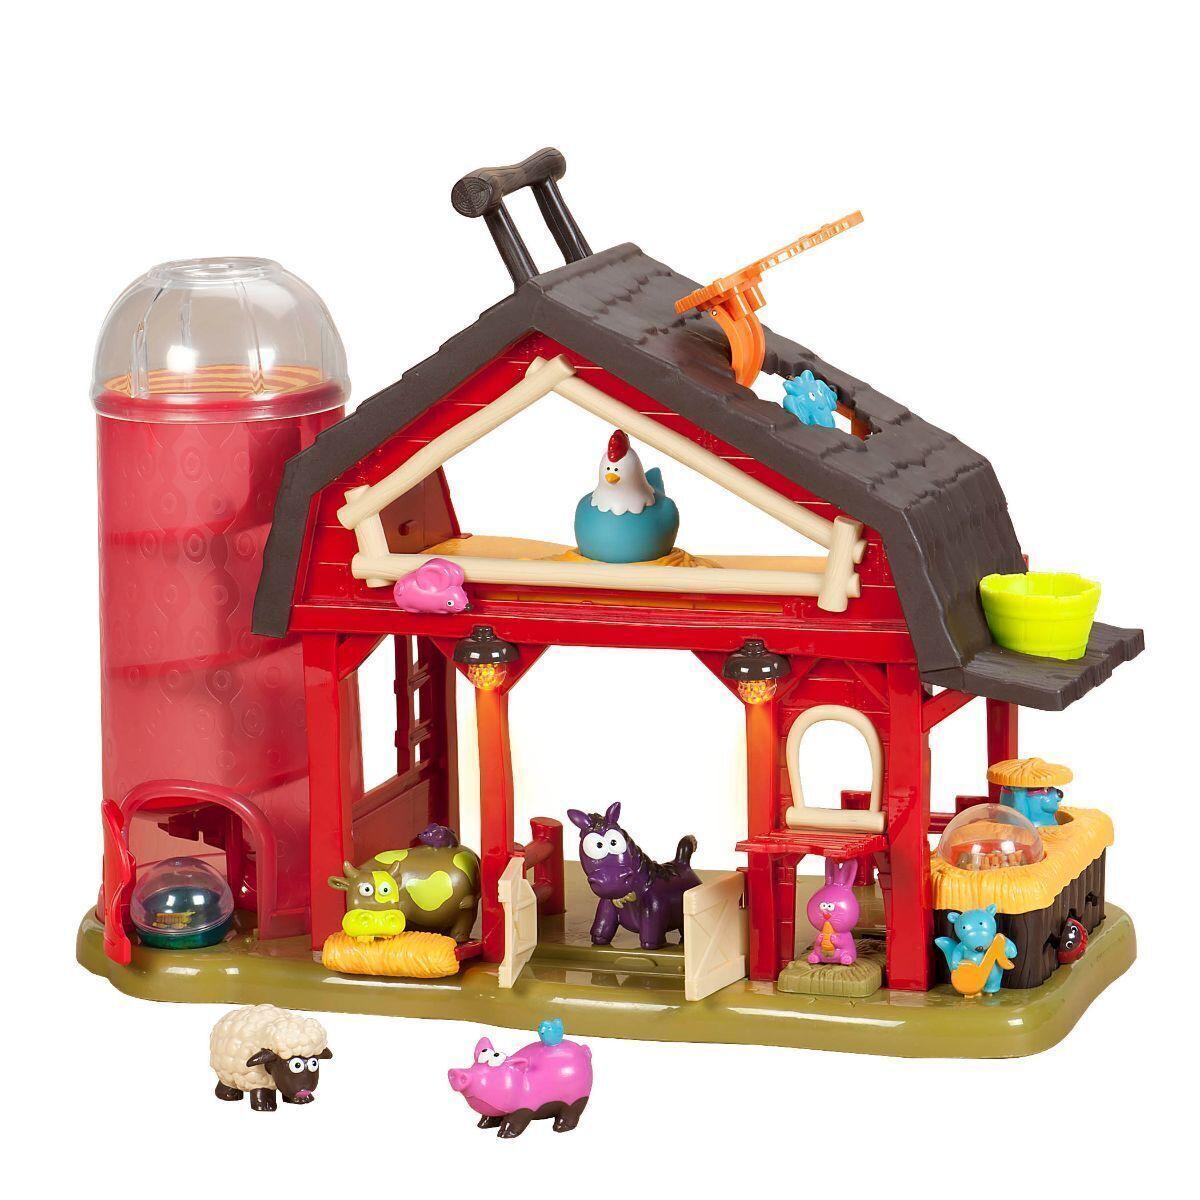 B. Toys - Baa-Baa Barn Playset for toddlers